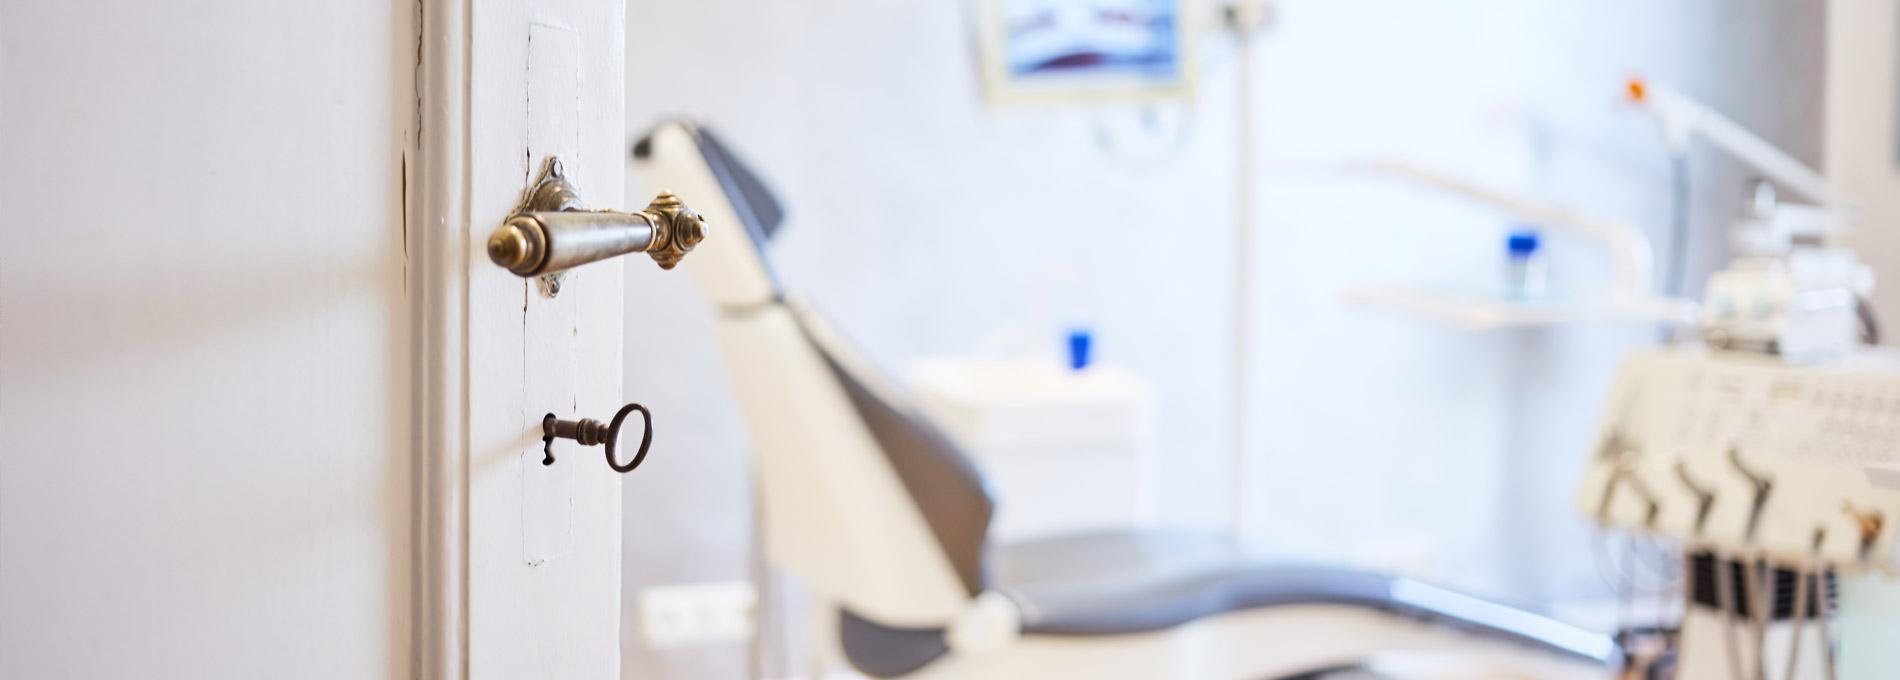 Zahnarztpraxis  Zahnrhein in Walluf - Herzlich willkommen bei Zahnrhein